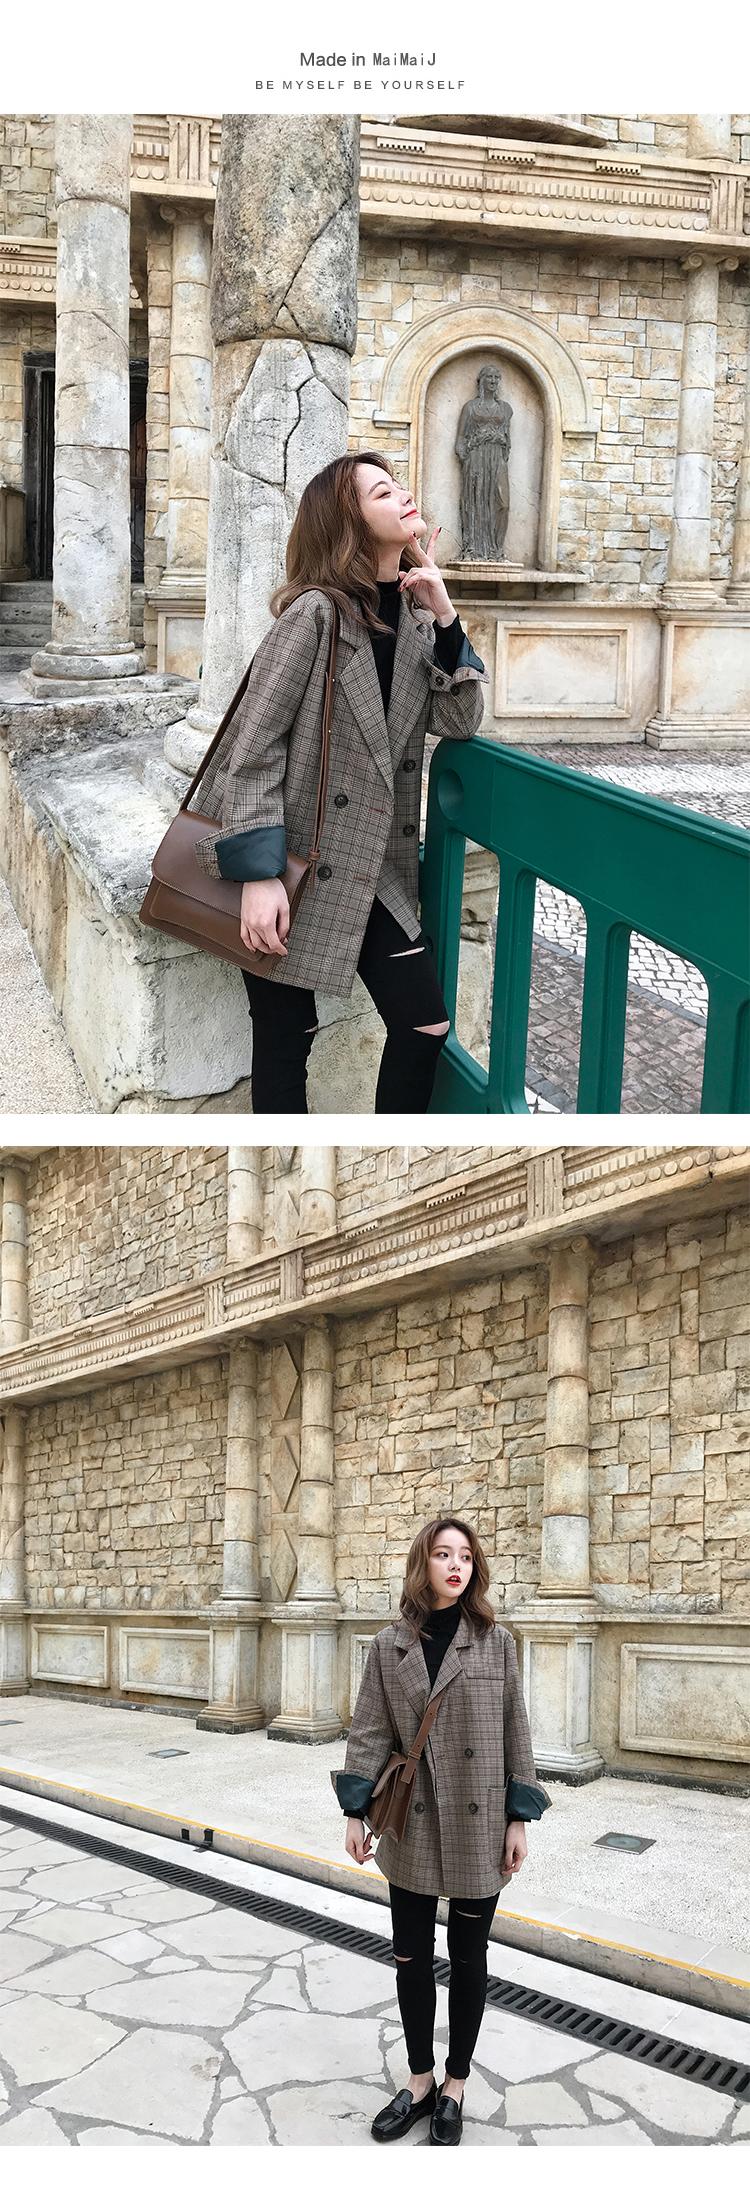 Kẻ sọc phù hợp với áo khoác nữ Hàn Quốc người Anh gió retro cô gái 2018 new casual loose kẻ sọc nhỏ phù hợp với mùa thu